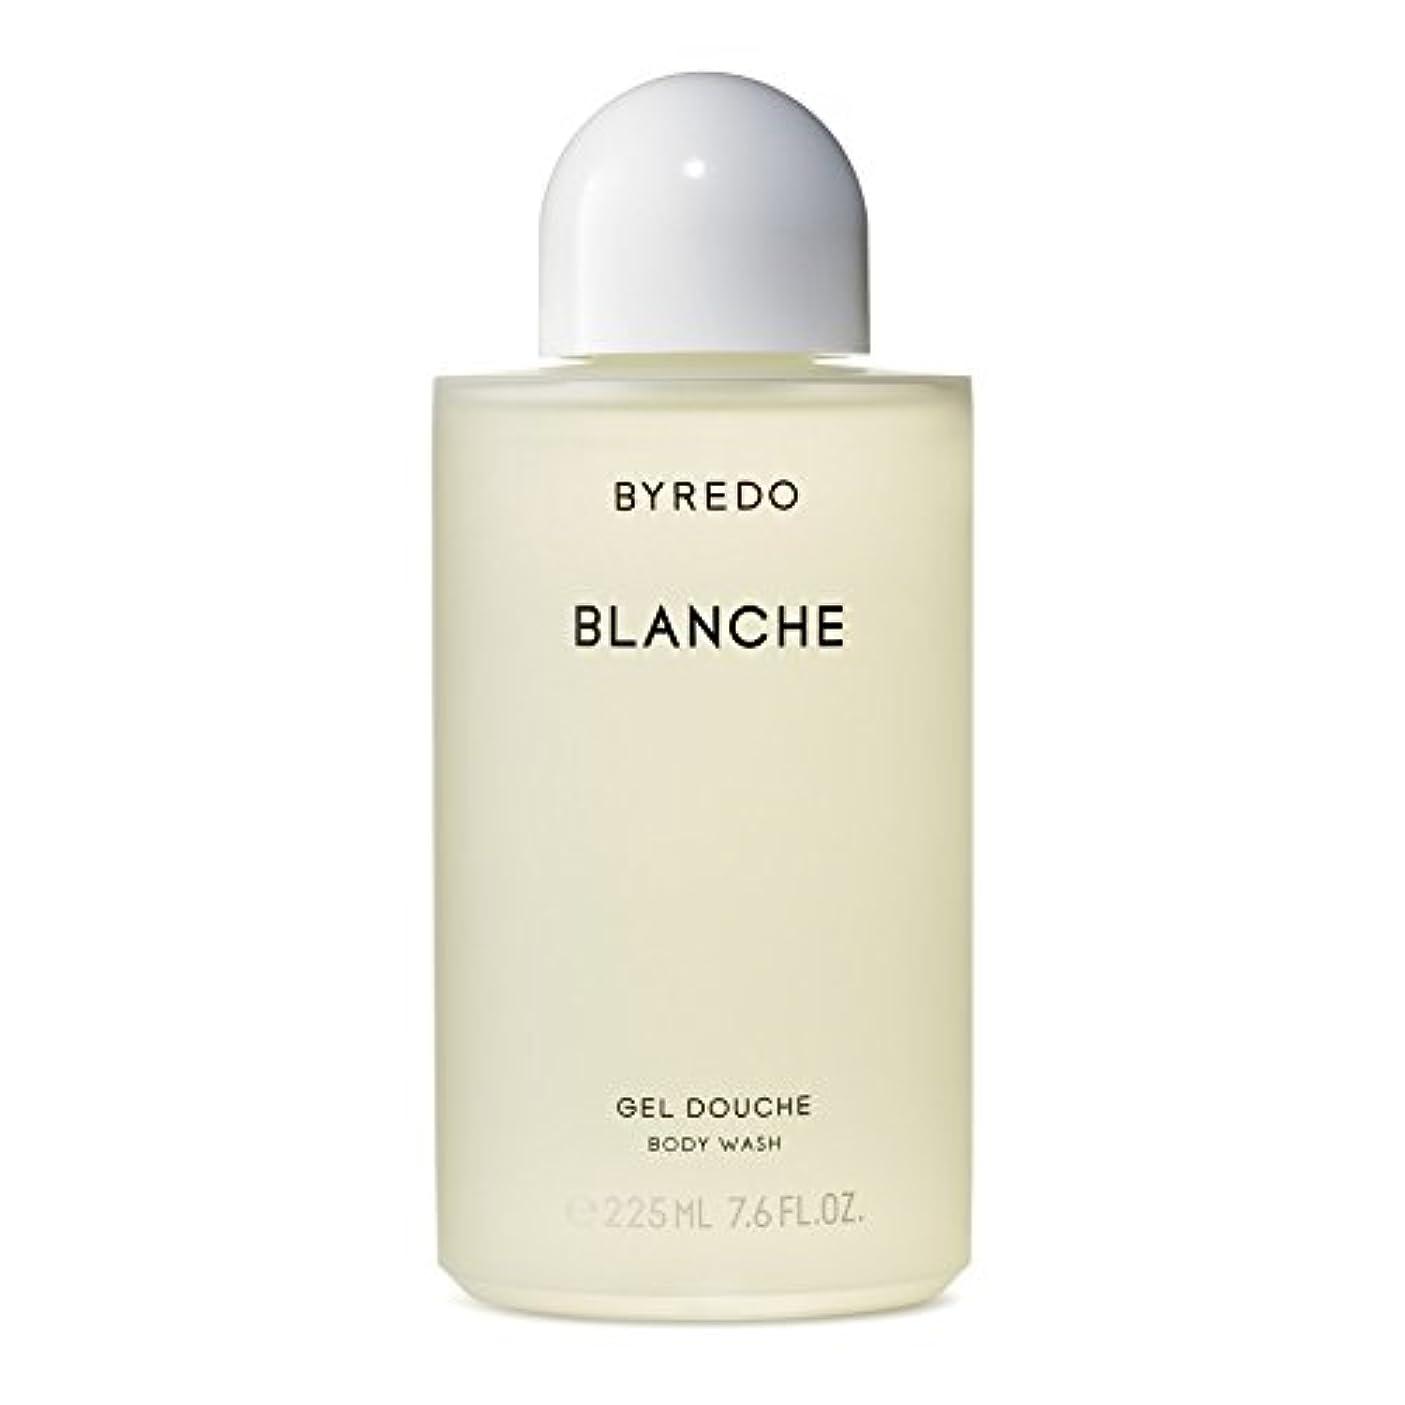 マグお酢選挙Byredo Blanche Body Wash 225ml - ブランシュボディウォッシュ225ミリリットル [並行輸入品]